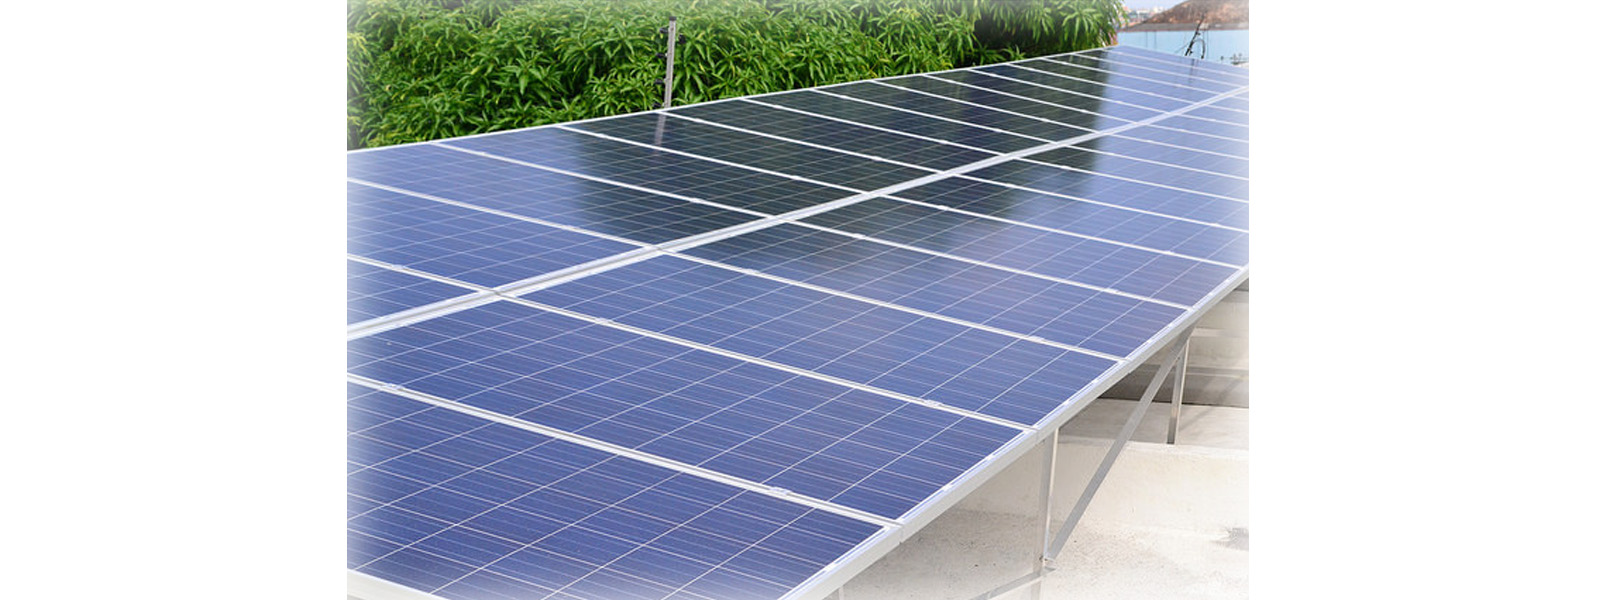 manaus-fotovoltaica